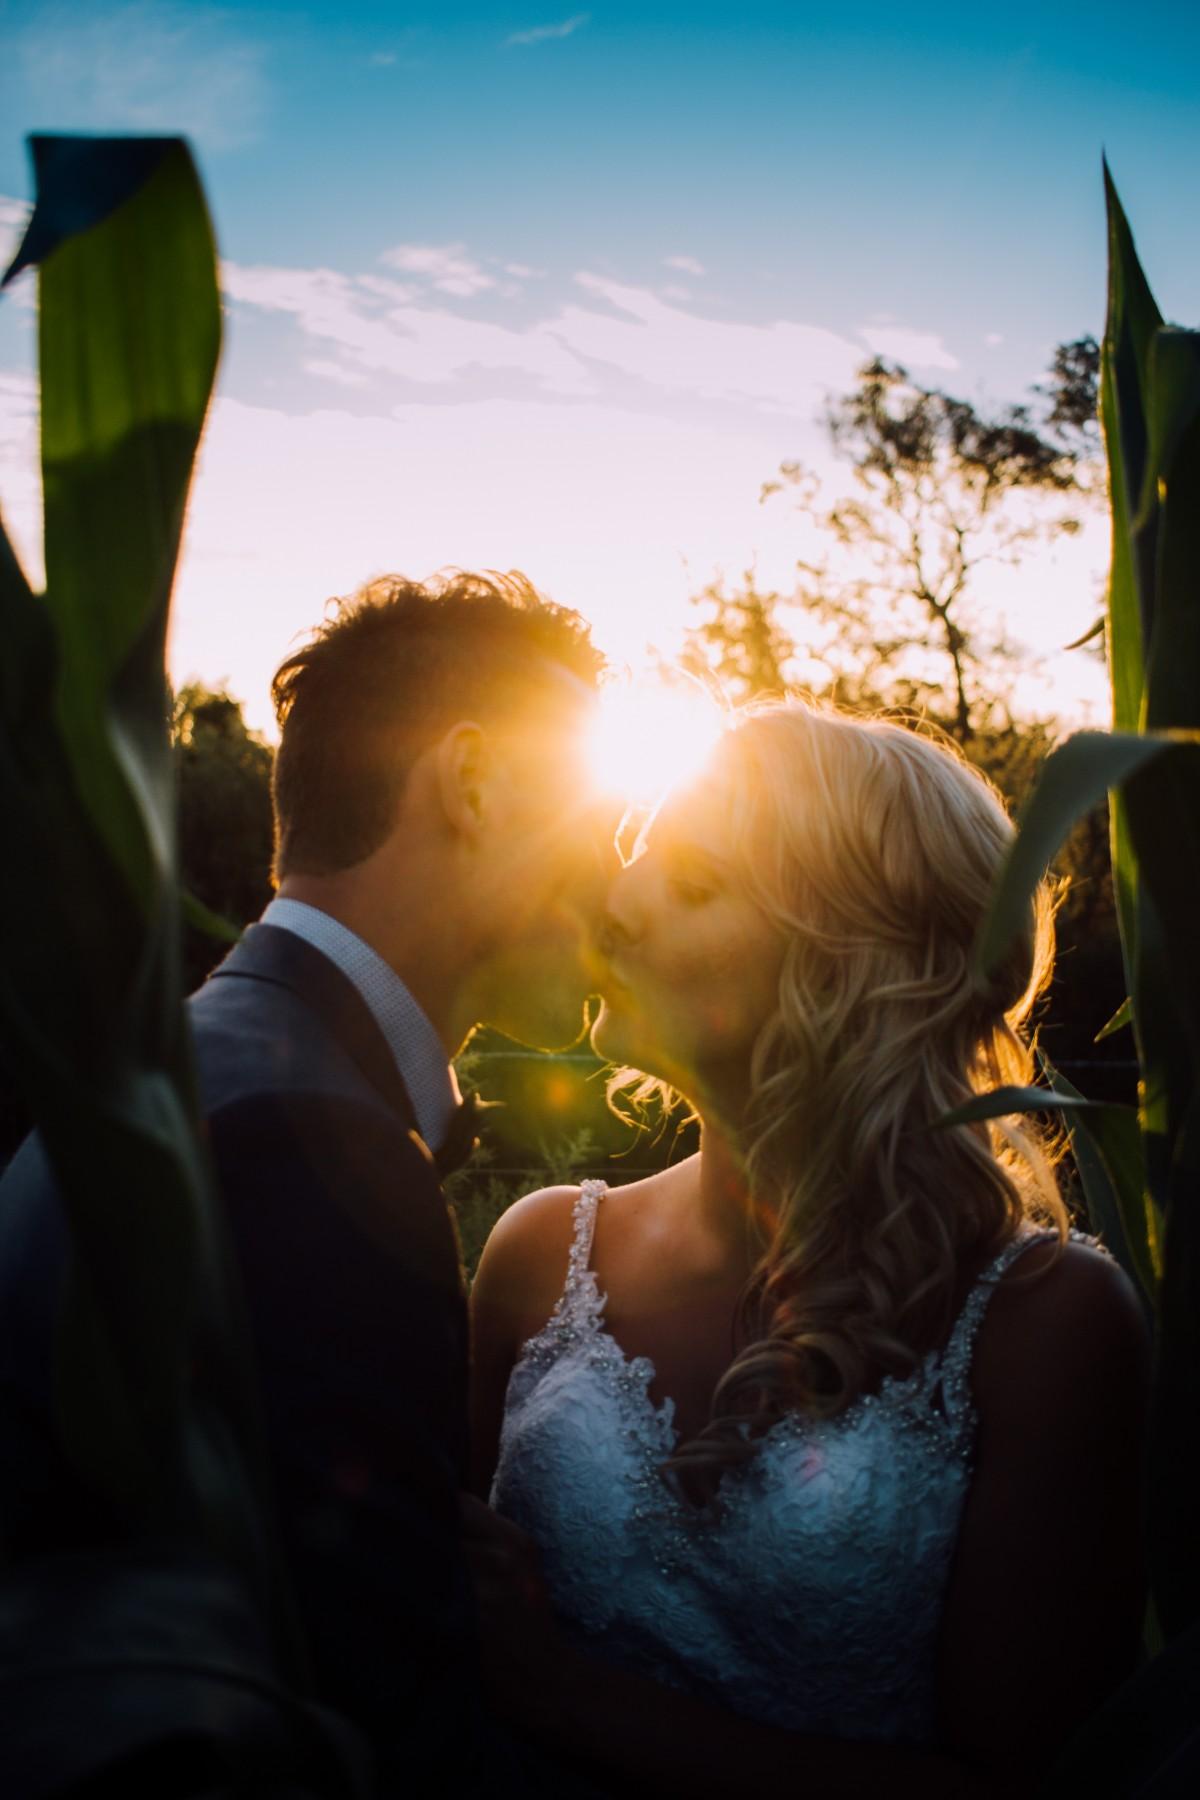 lumière le coucher du soleil lumière du soleil Matin fleur amour Couleur baiser la mariée jeune marié Marrage